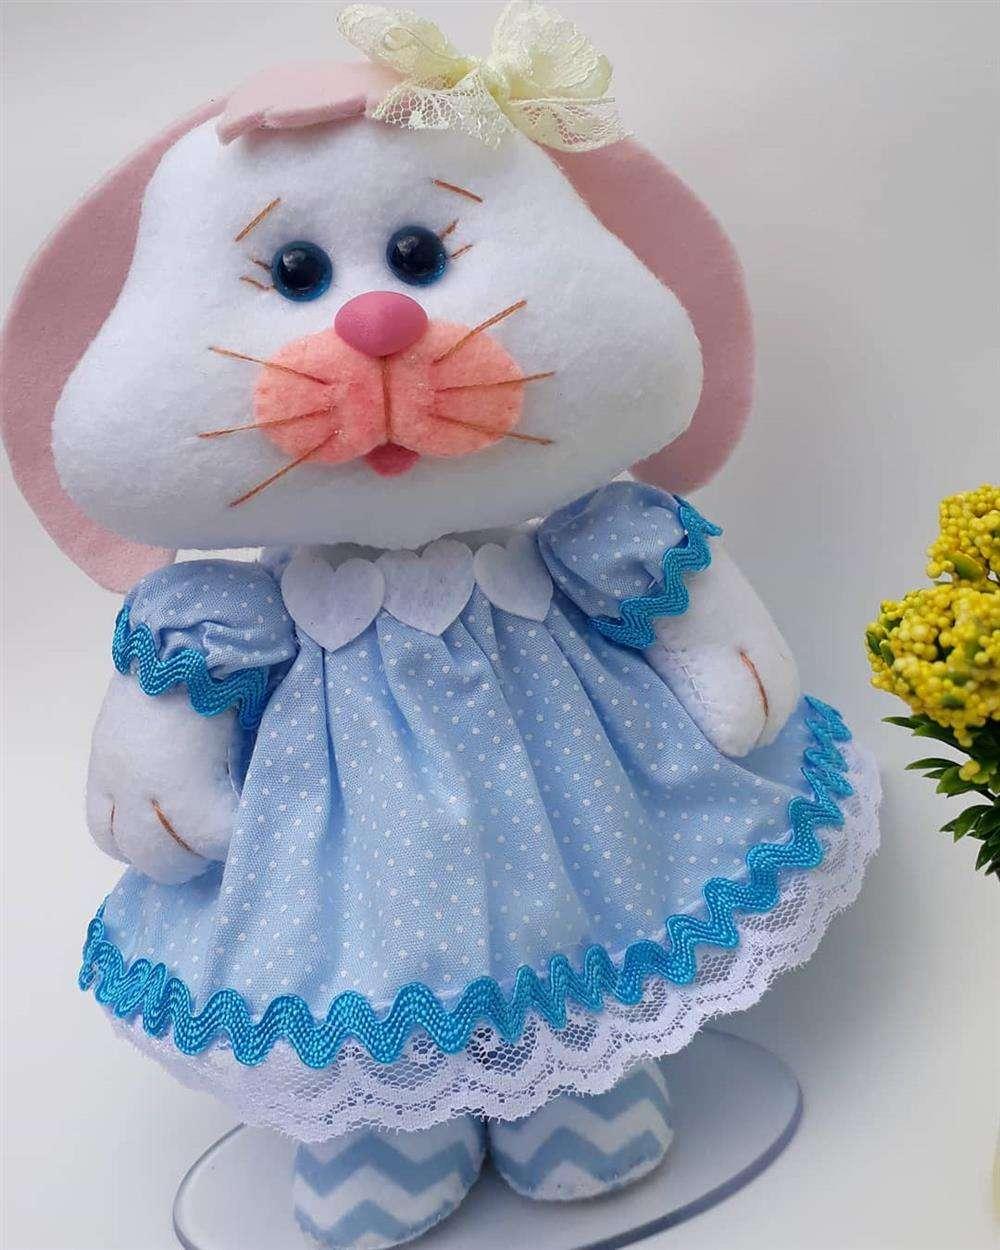 coelhinha de vestidinho ficam encantadoras